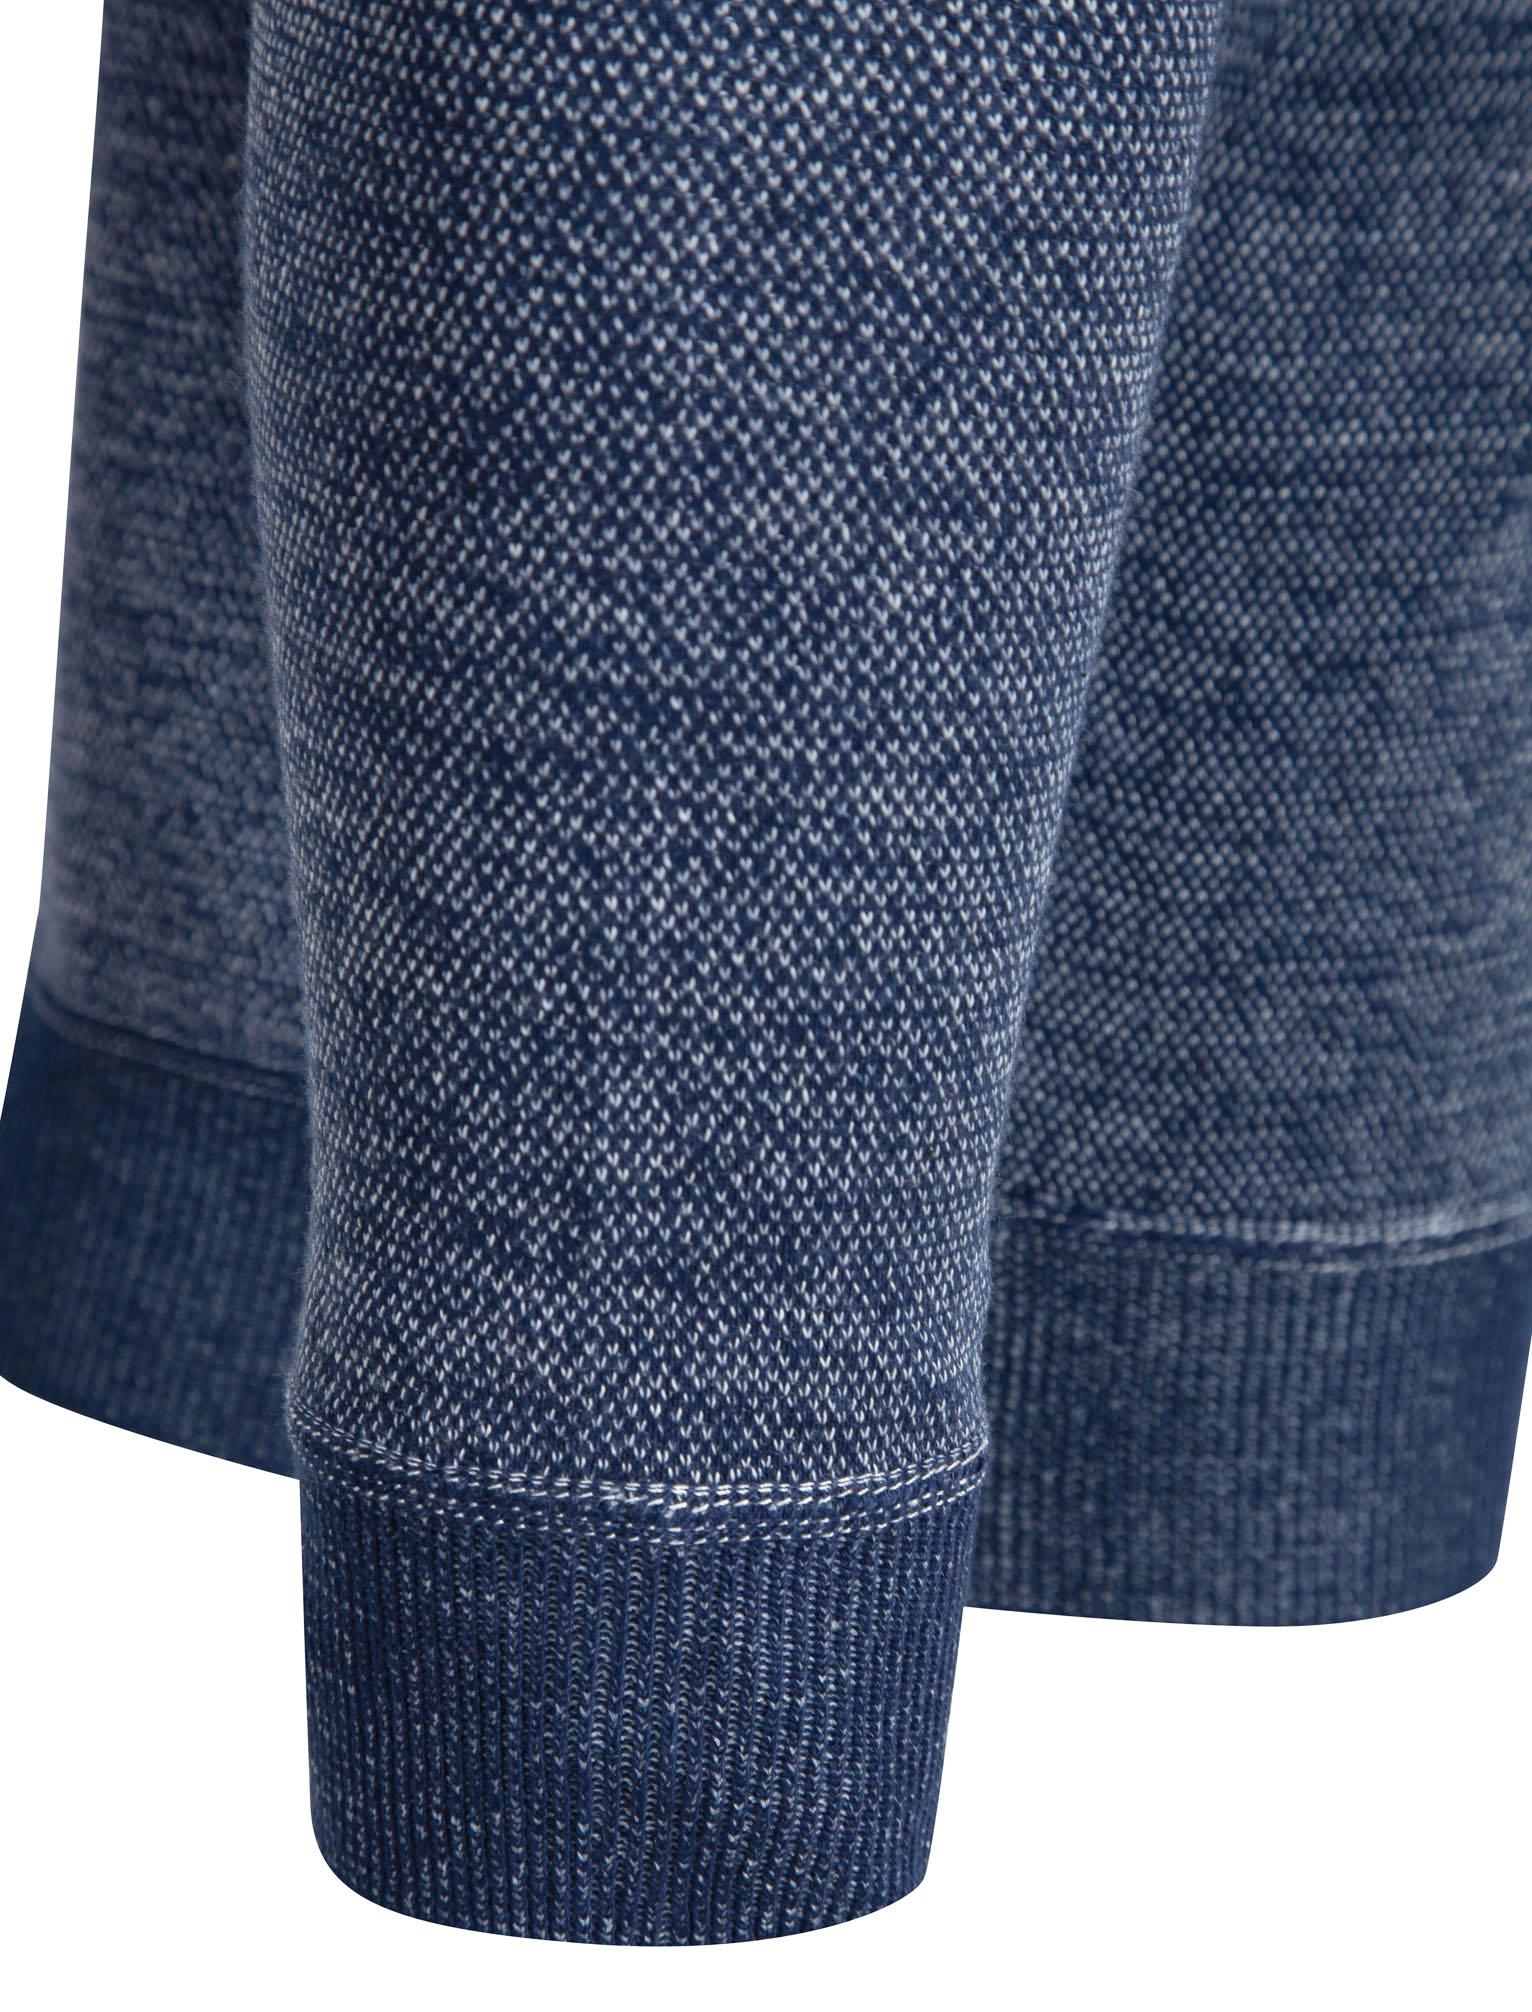 Kensington-Eastside-Men-039-s-Knitted-Crew-or-V-Neck-Jumper-Sweater-Top-Pullover thumbnail 60